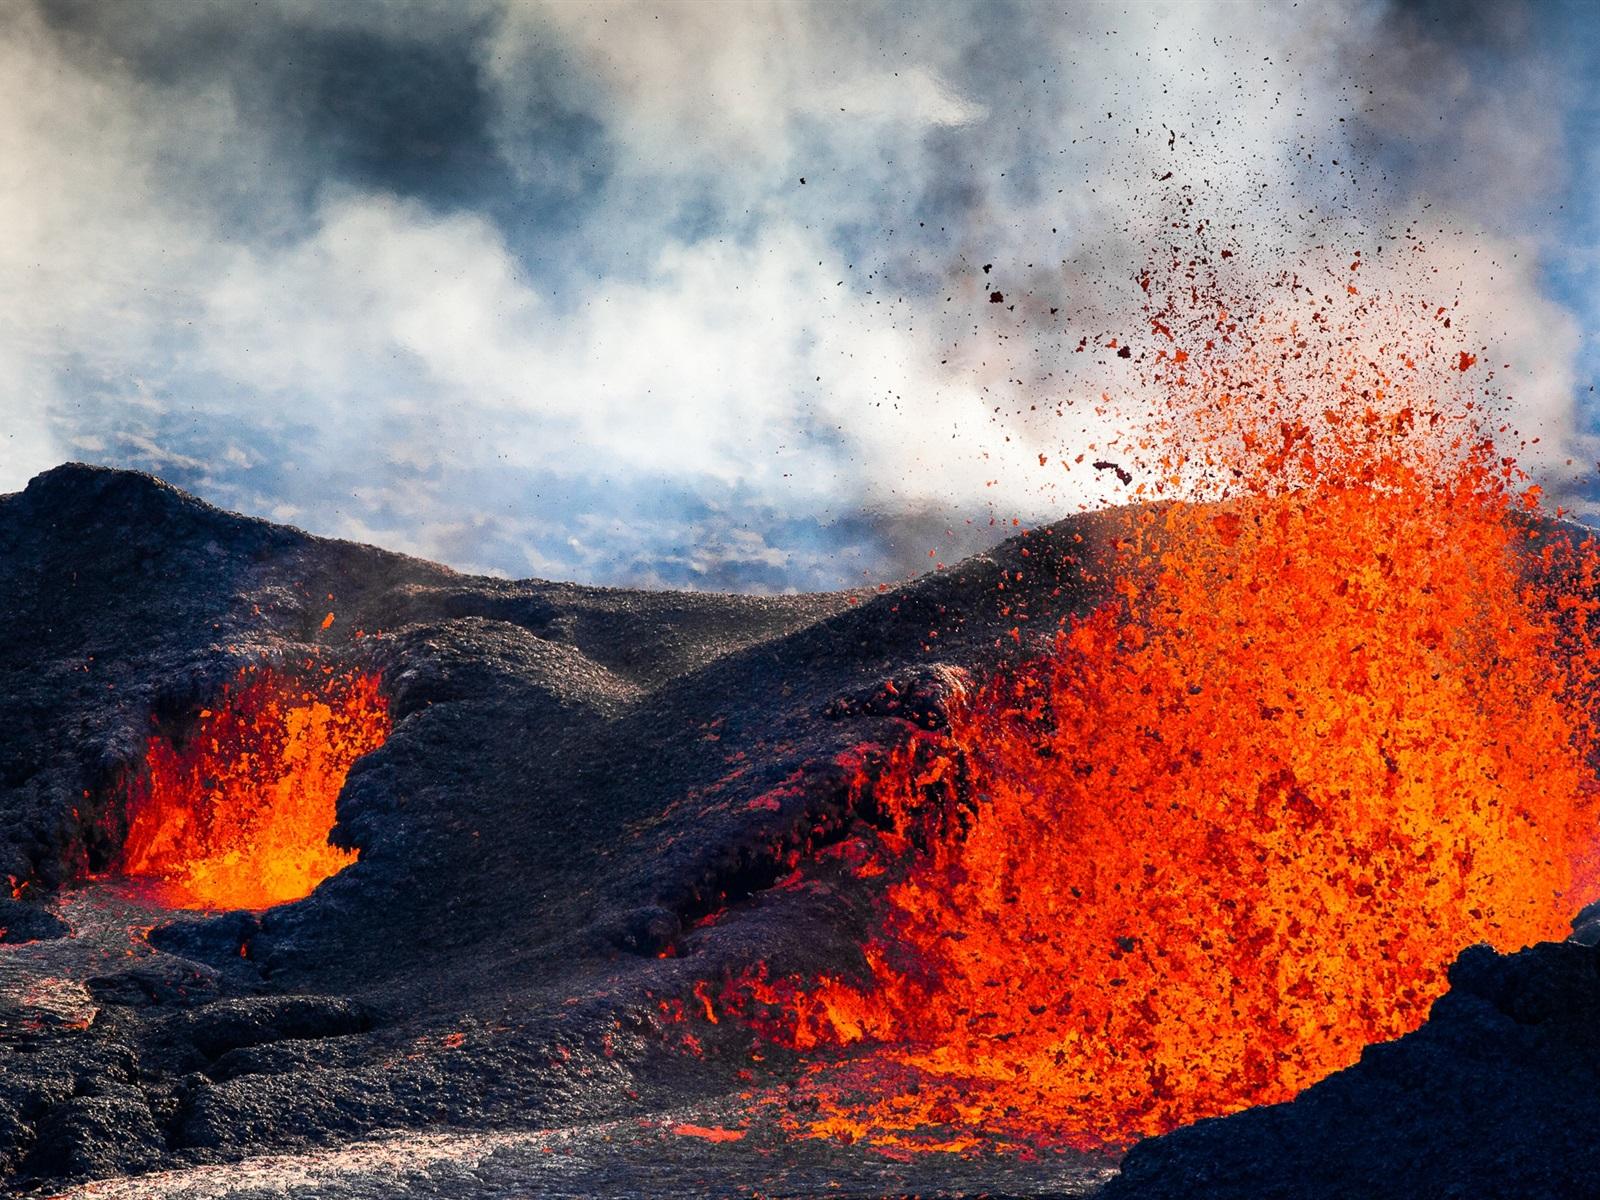 Fondos De Pantalla Grandes Gratis En Hd Gratis Para: Un Gran Volcan Hd 1280x1024 Imagenes Wallpapers Gratis